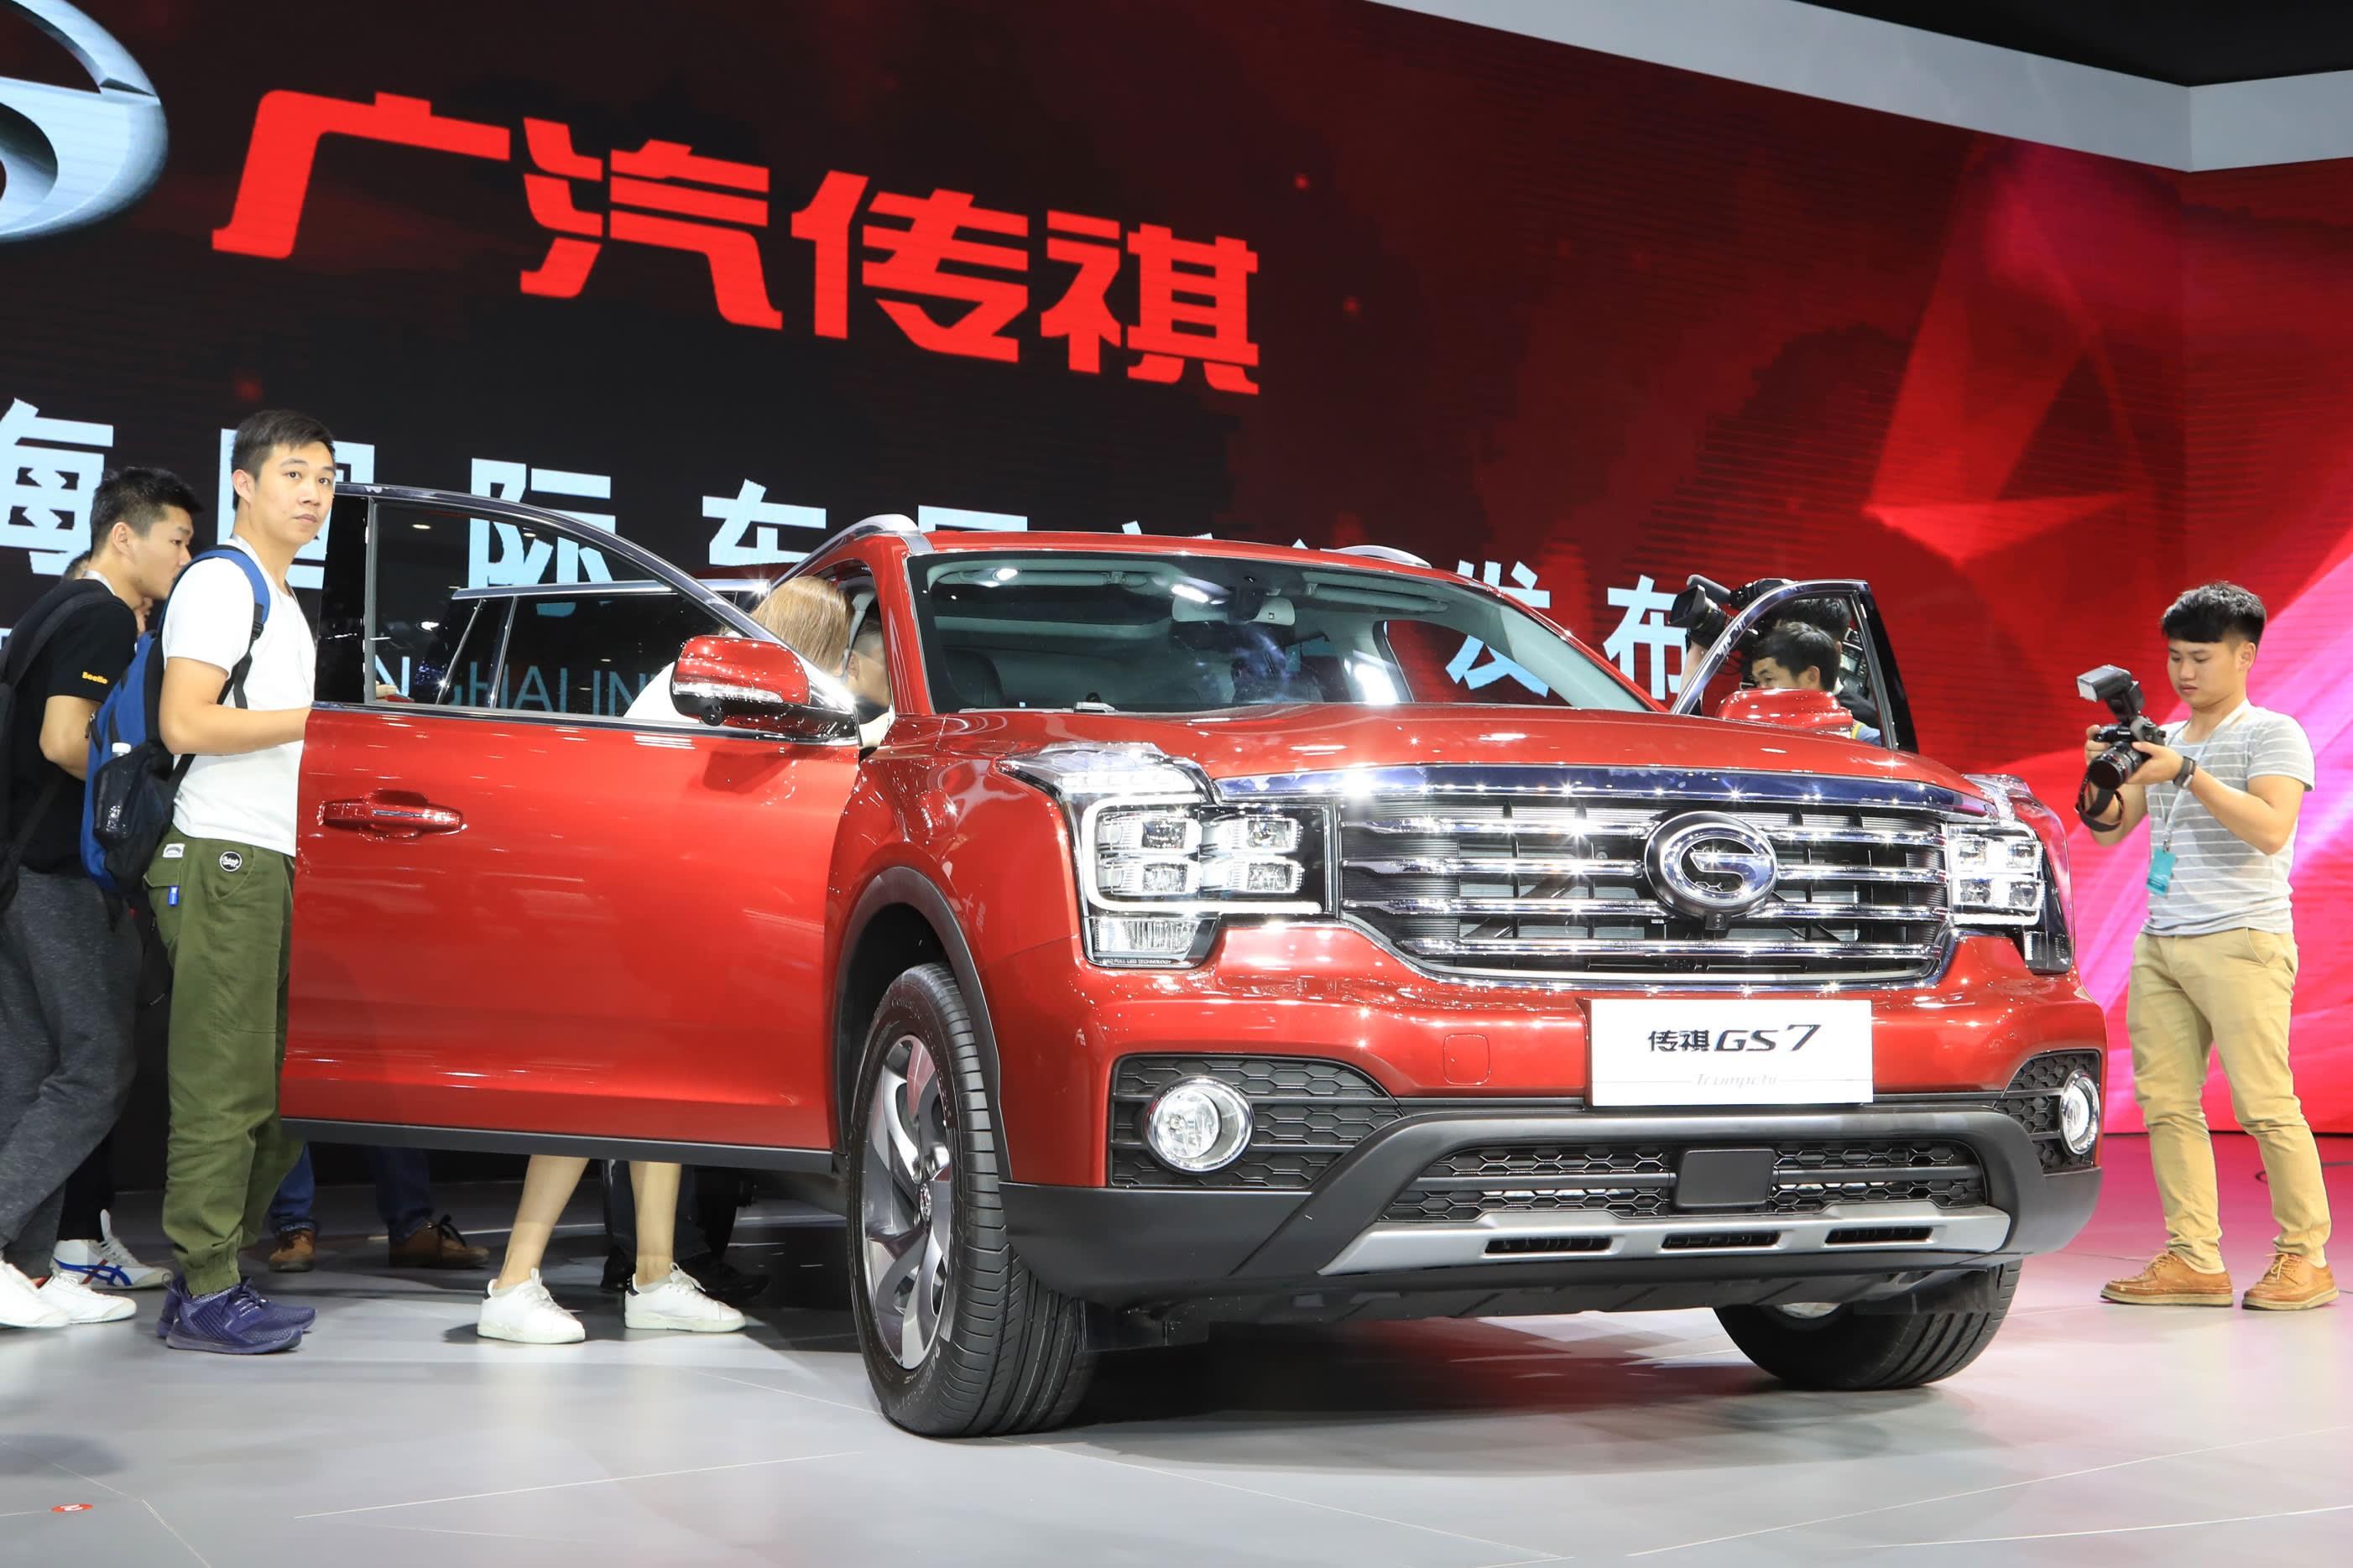 تحسن جودة السيارات الصينية يحقق إرتفاعاً في قيمتها